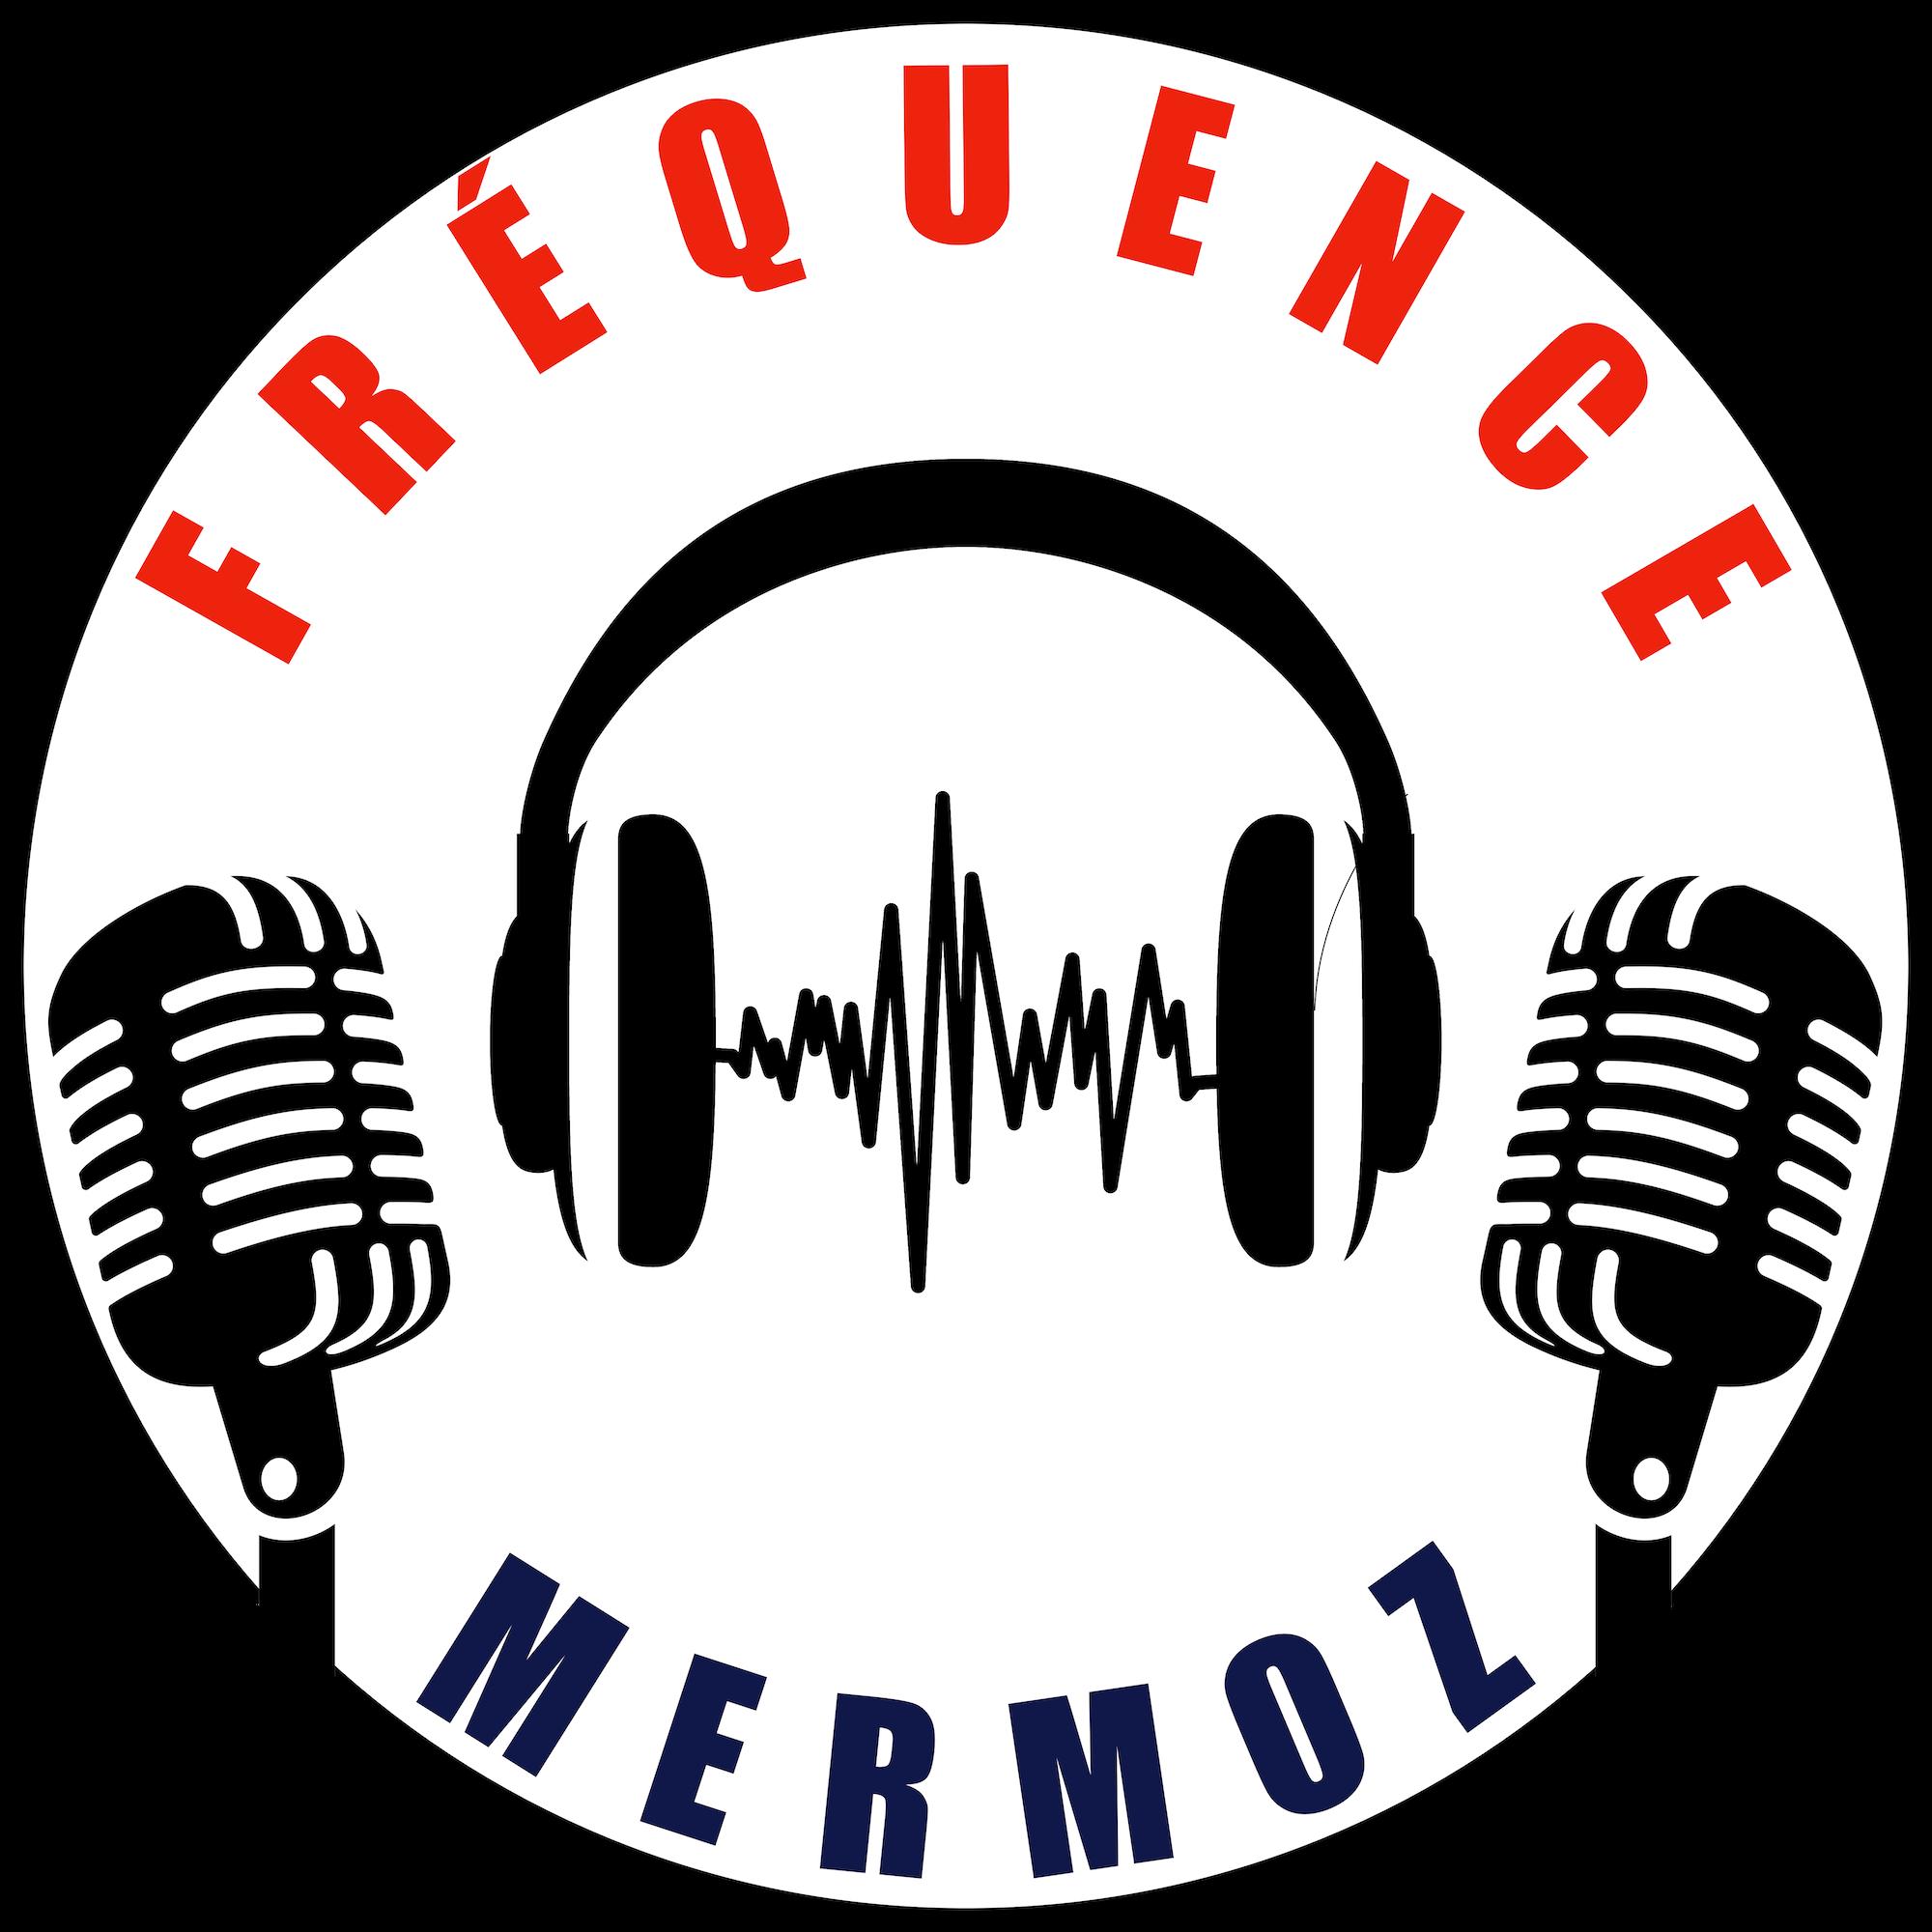 Fréquence Mermoz